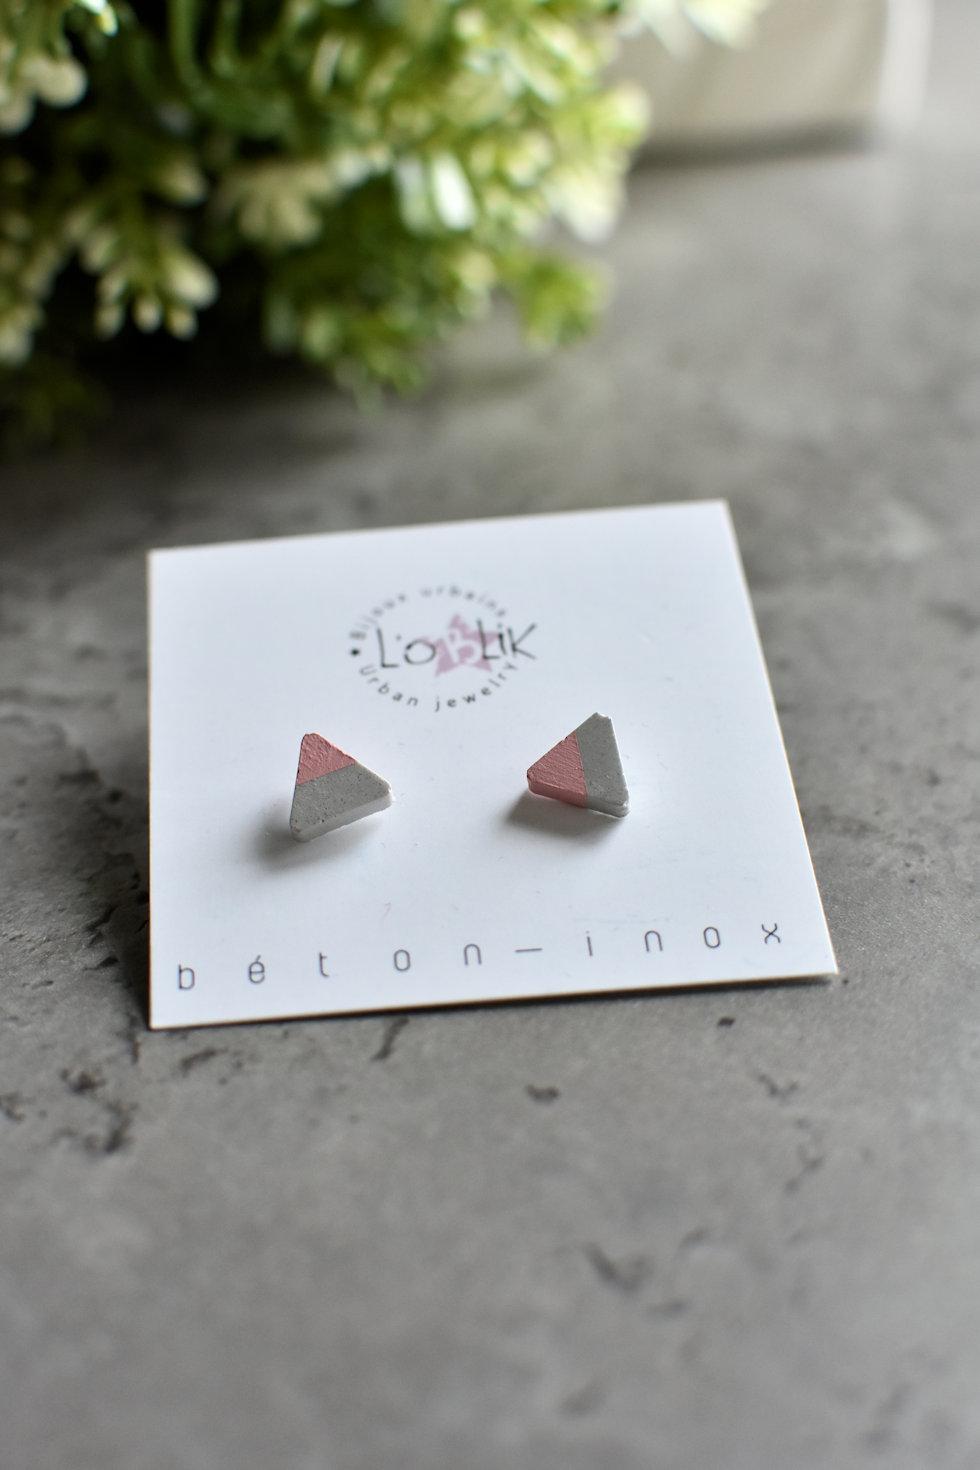 Boucles d'oreilles gris/rose de L'OBLIK-Bijoux urbains. Fait au Québec